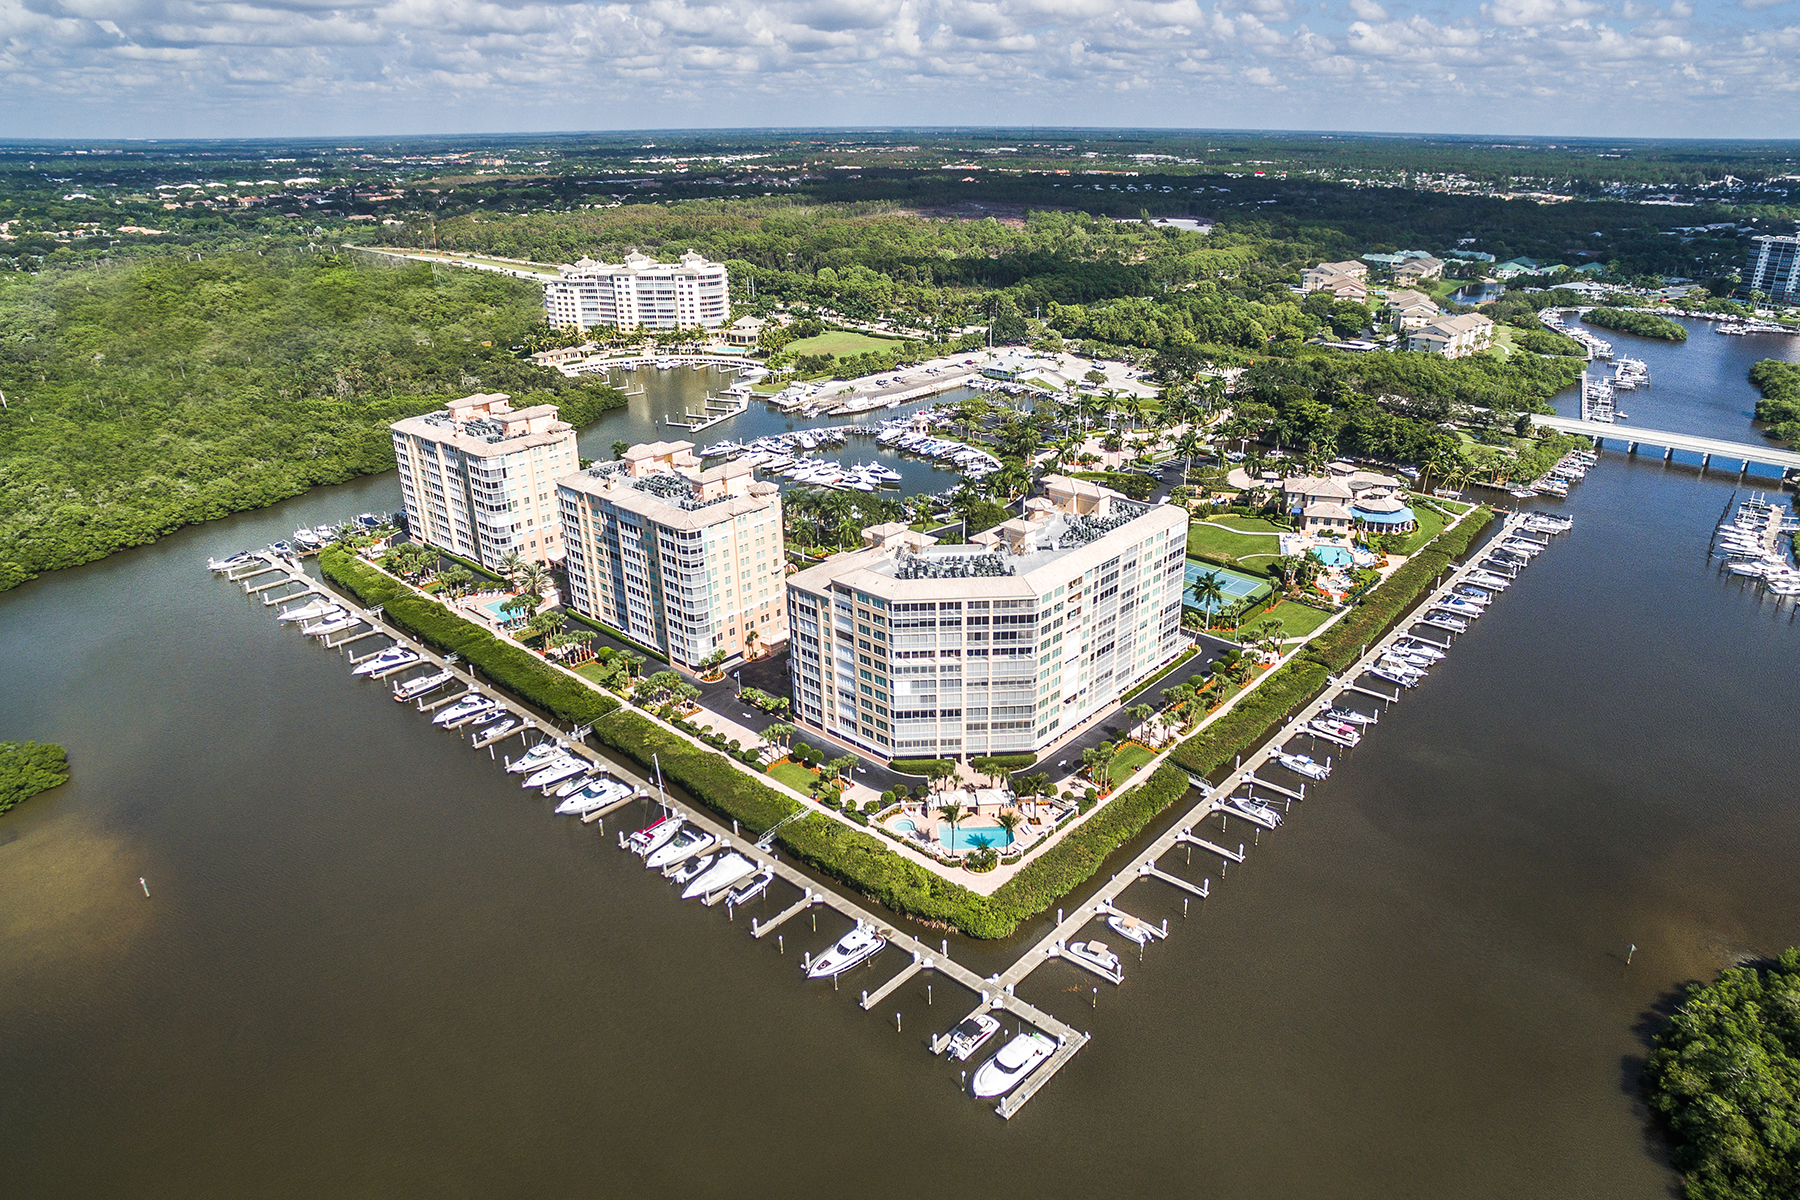 Condominium for Sale at PELICAN ISLE 425 Dockside Dr 406 Naples, Florida, 34110 United States